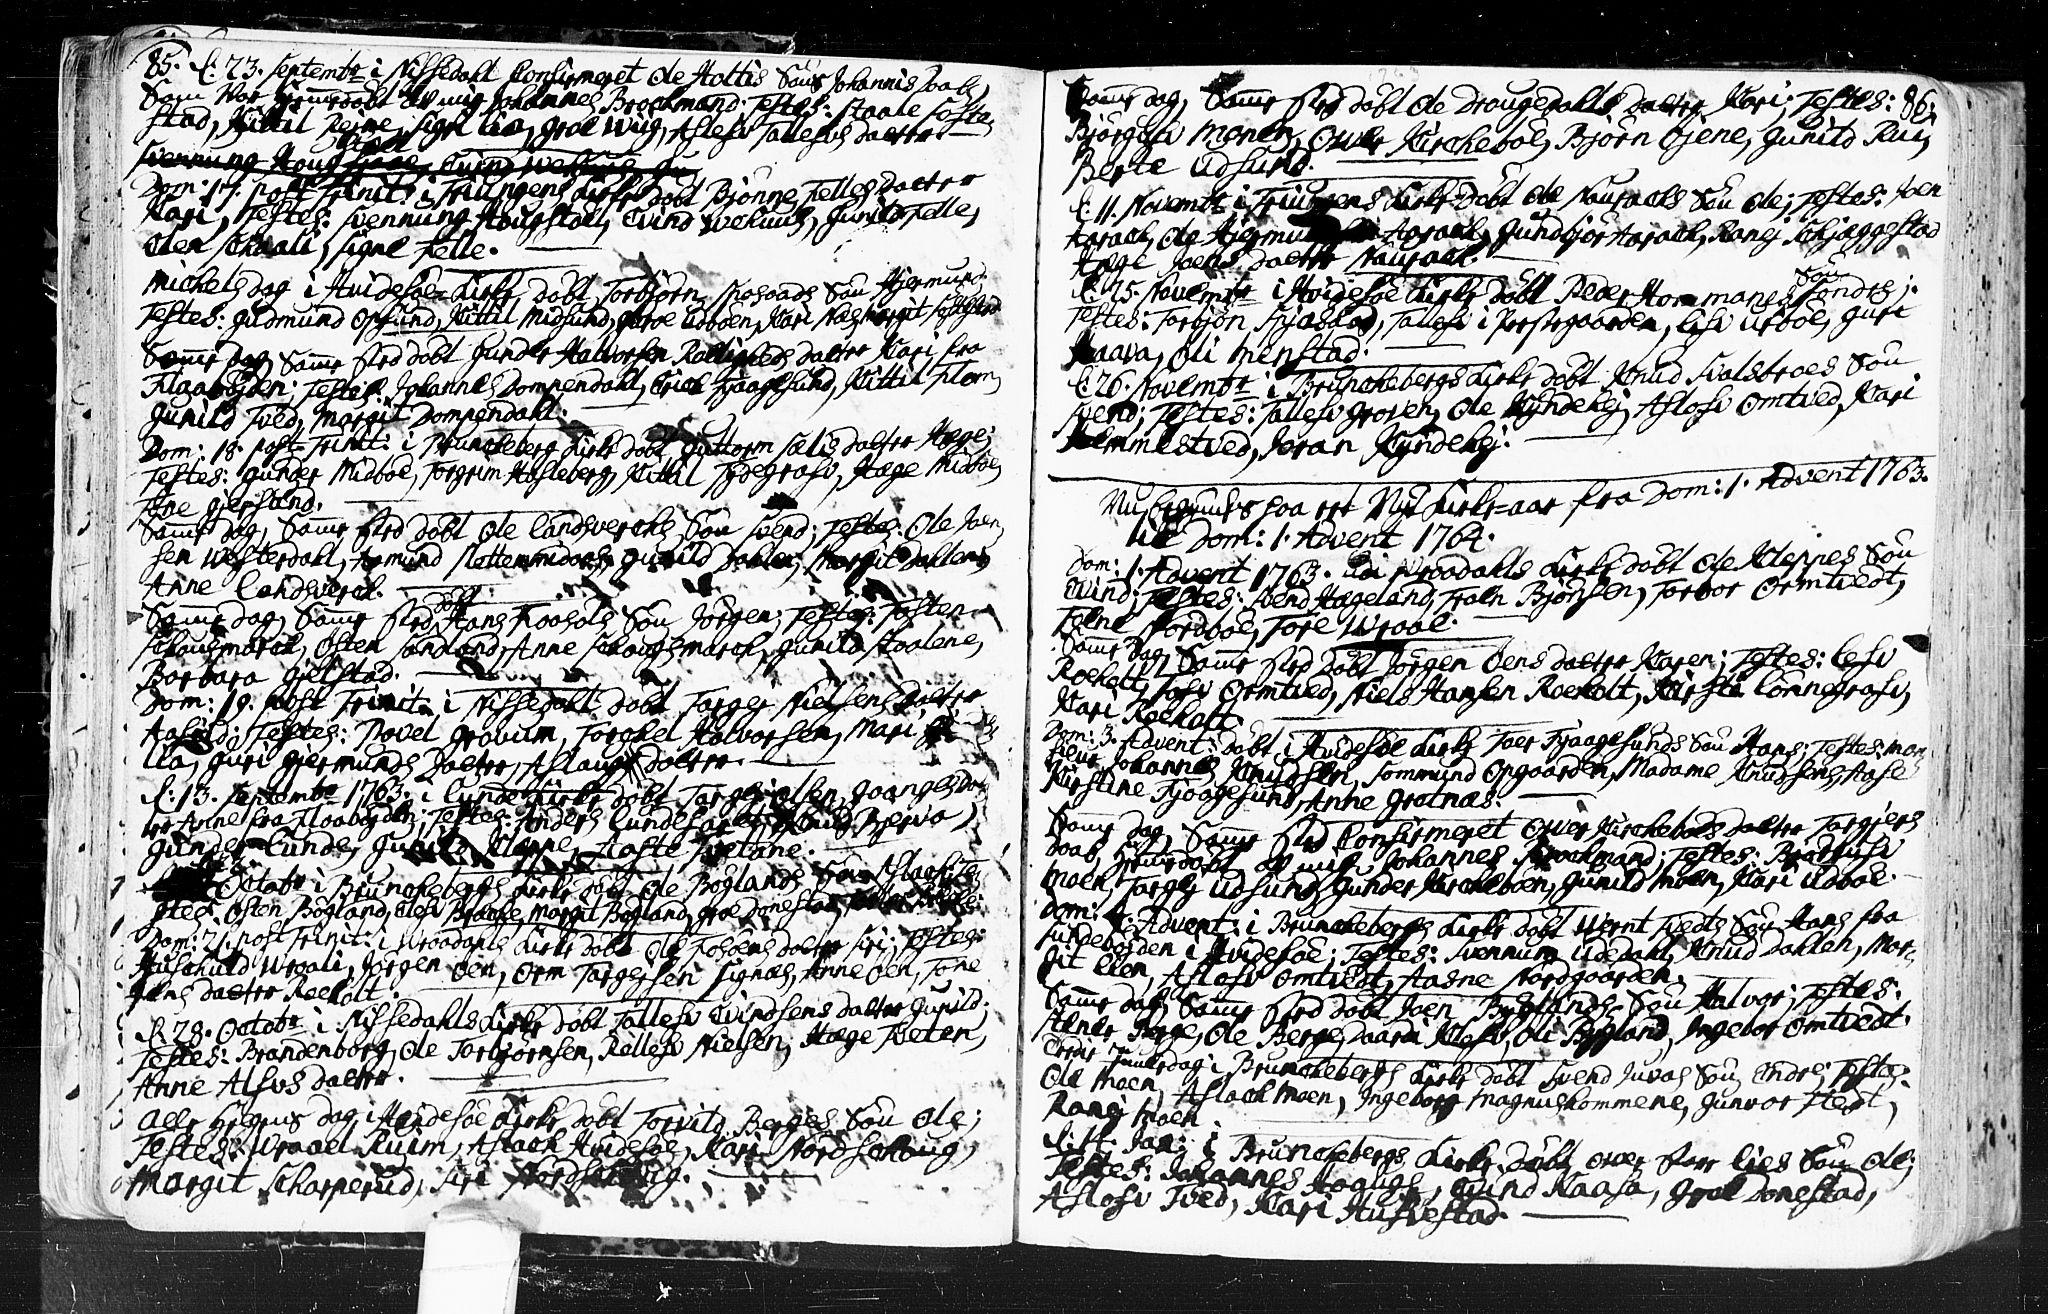 SAKO, Kviteseid kirkebøker, F/Fa/L0001: Ministerialbok nr. I 1, 1754-1773, s. 85-86